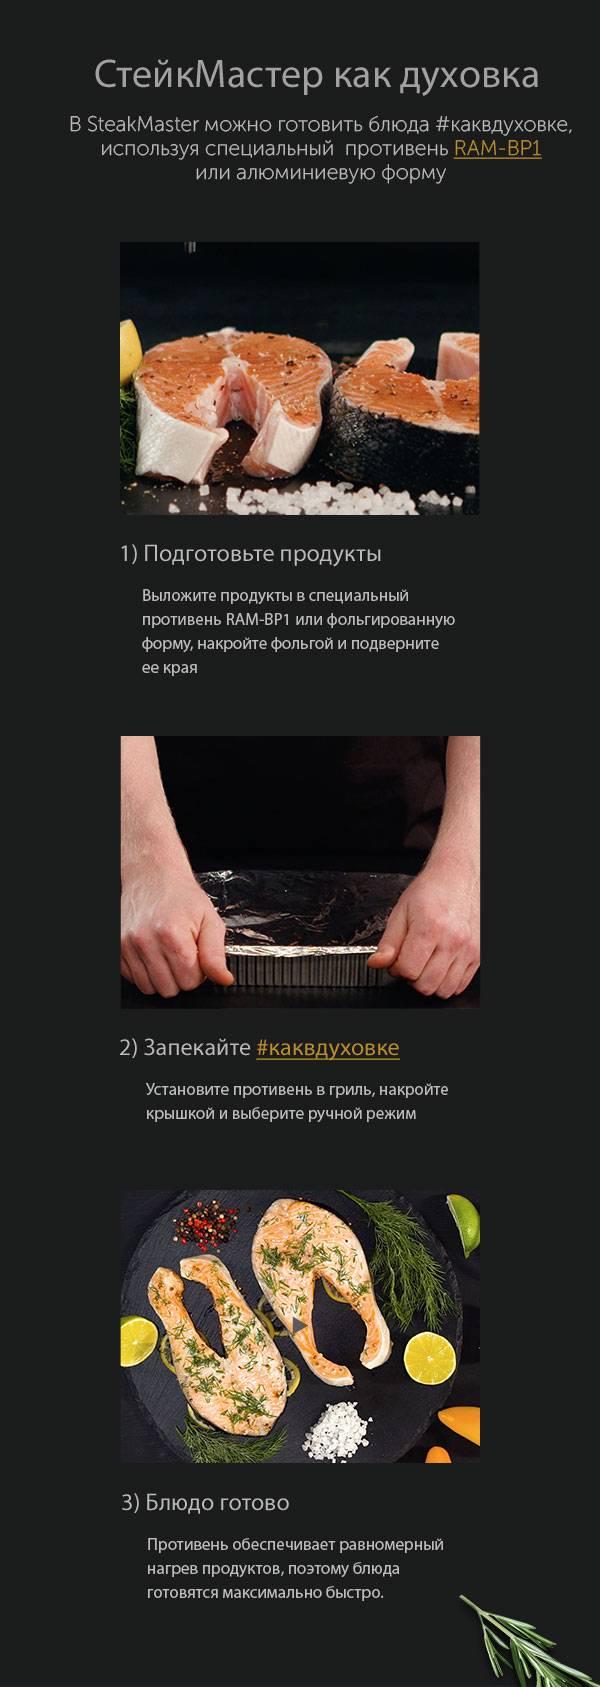 ✅ можно ли одновременно готовить в духовке два блюда? - gdefit.ru